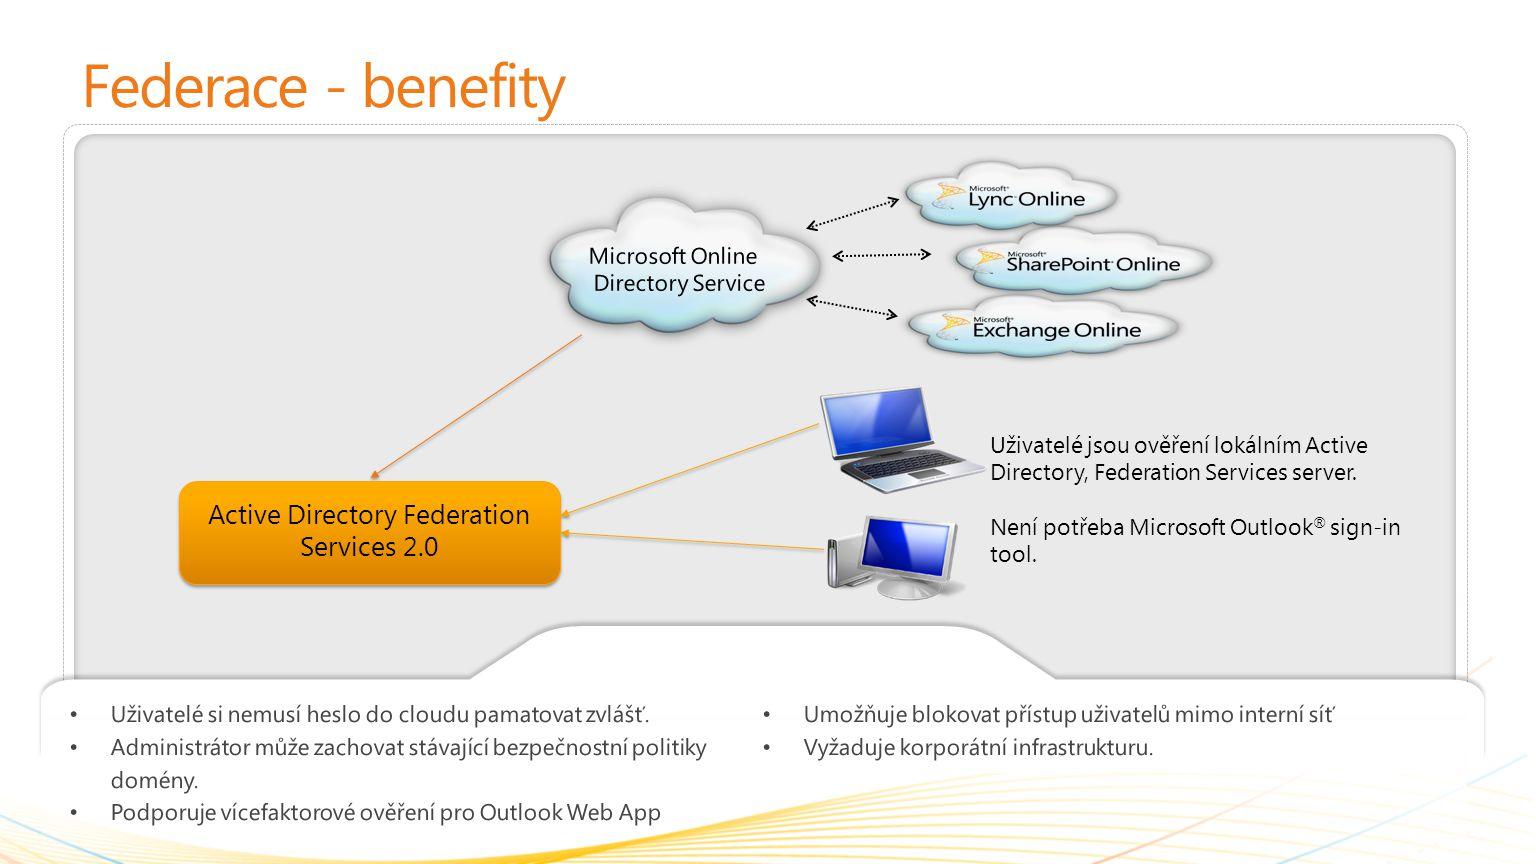 Federace - benefity Uživatelé si nemusí heslo do cloudu pamatovat zvlášť. Administrátor může zachovat stávající bezpečnostní politiky domény. Podporuj